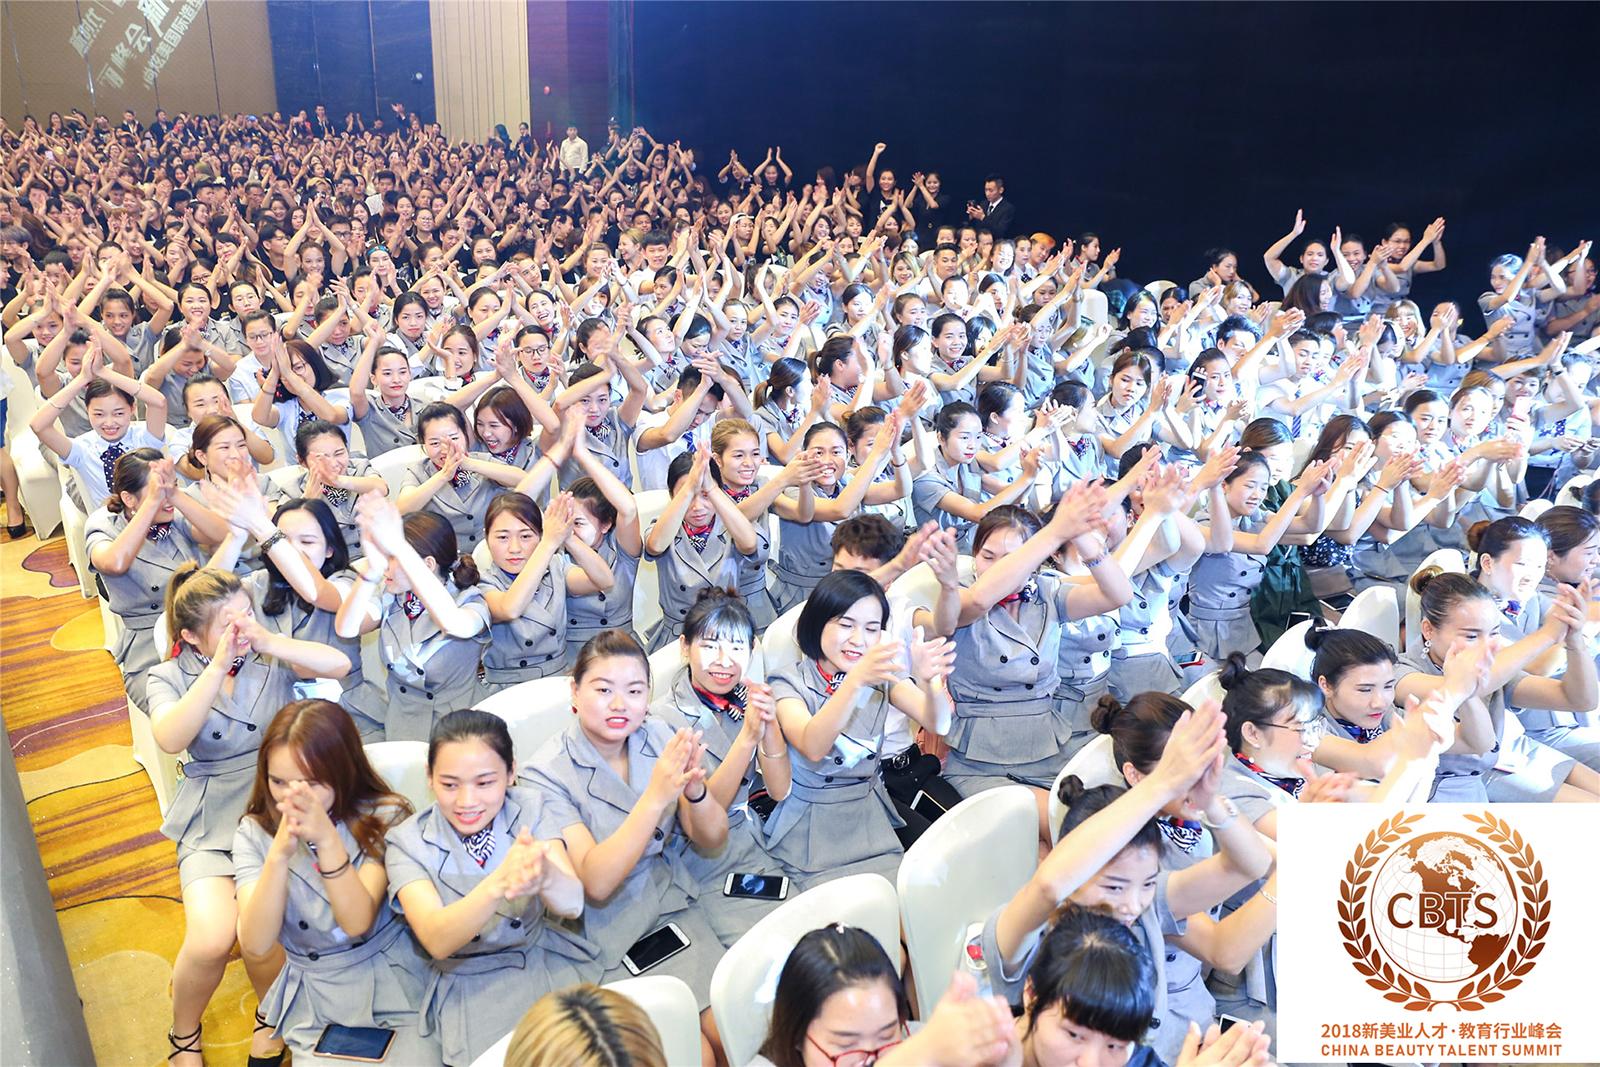 人才通天下美业共赢,新美业人才教育行业峰会12.17日在惠州举行